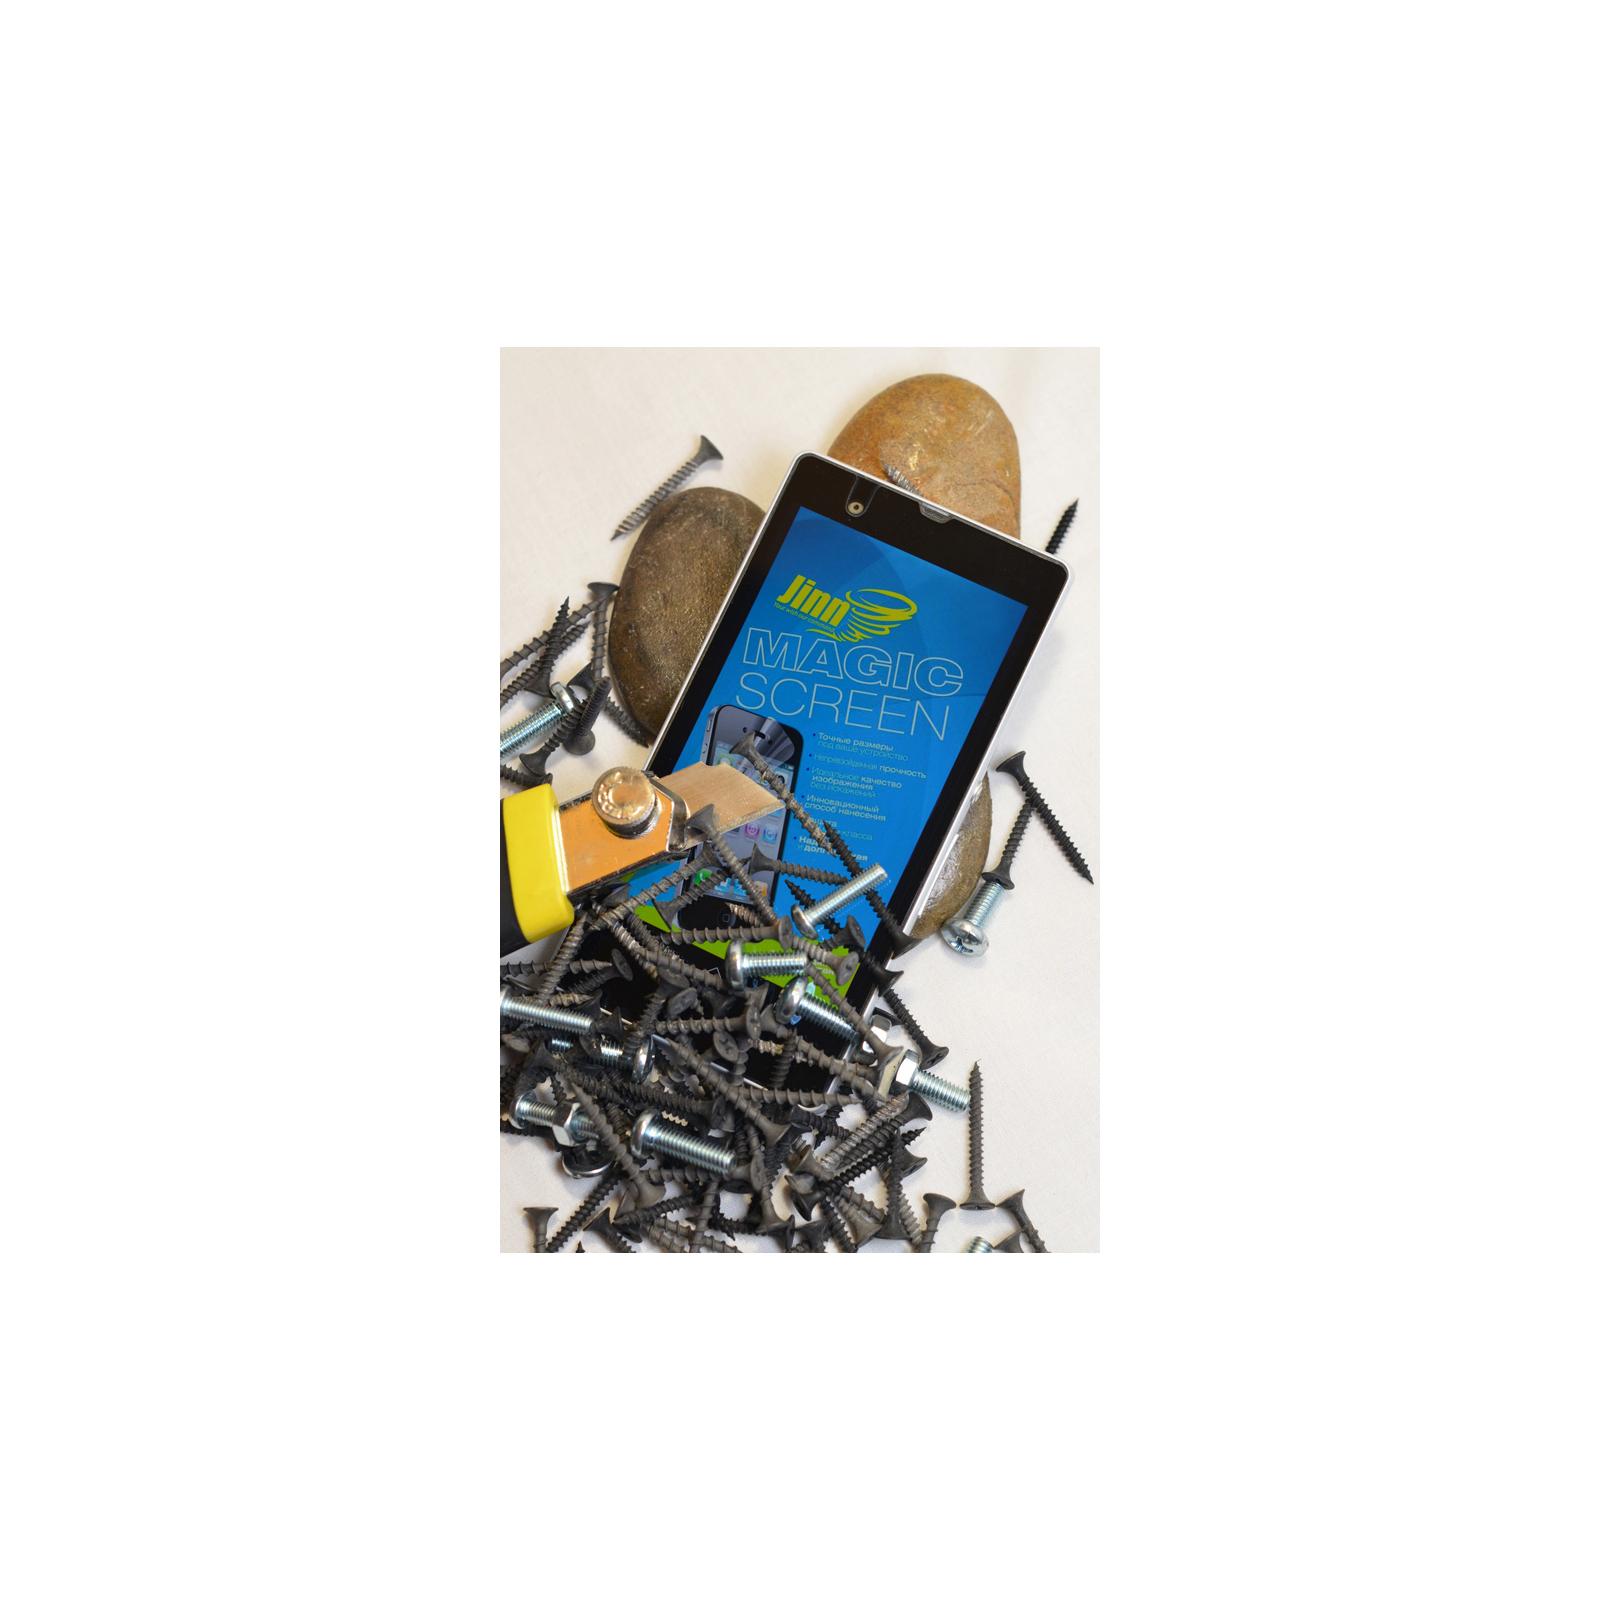 Пленка защитная JINN ультрапрочная Magic Screen для Prestigio MultiPhone 5300 (Prestigio MultiPhone 5300 front+back) изображение 2